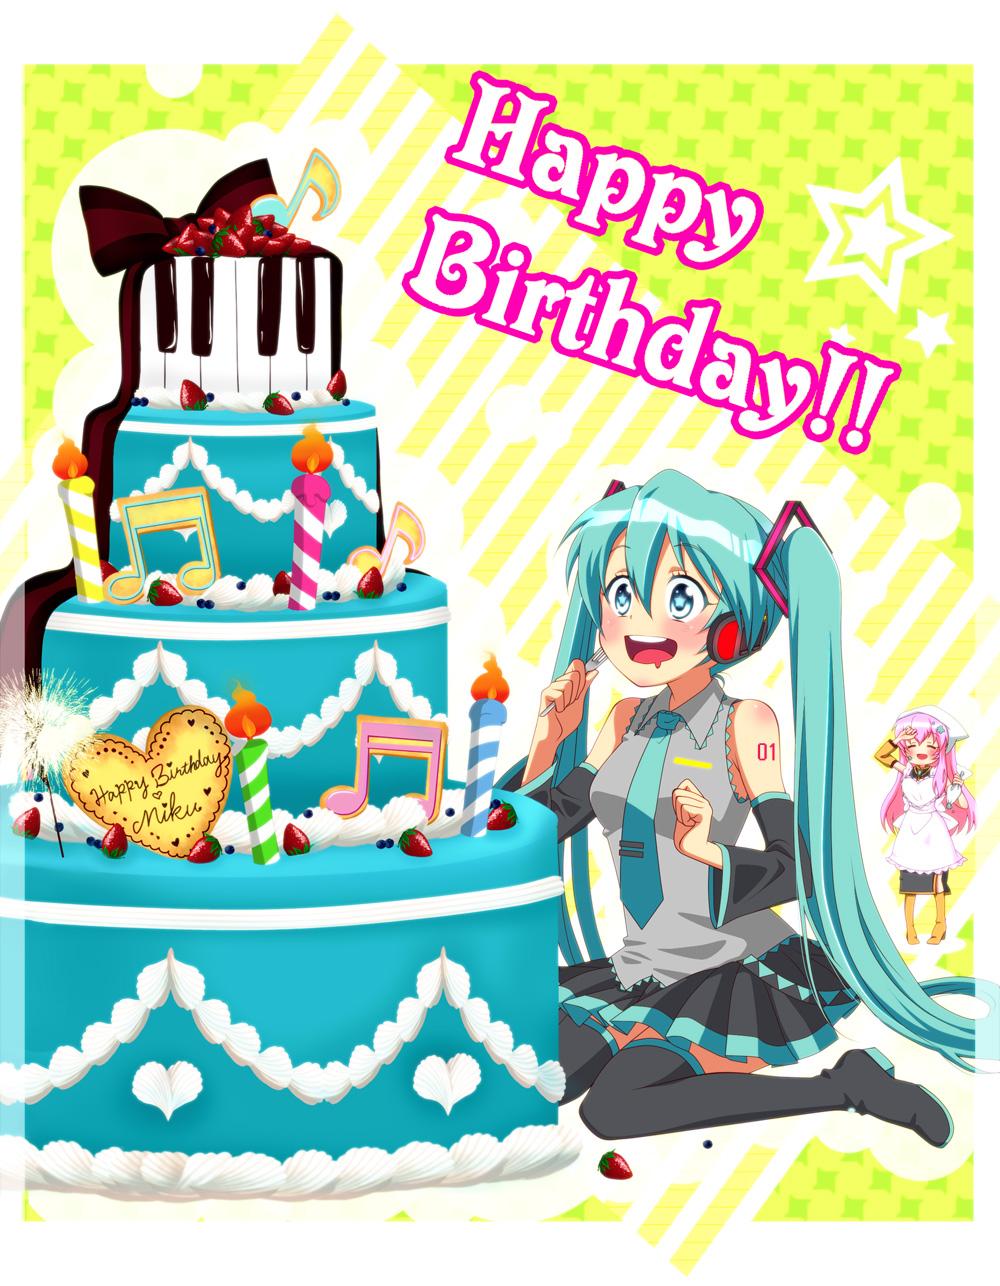 Аниме с поздравлением дня рождения 19